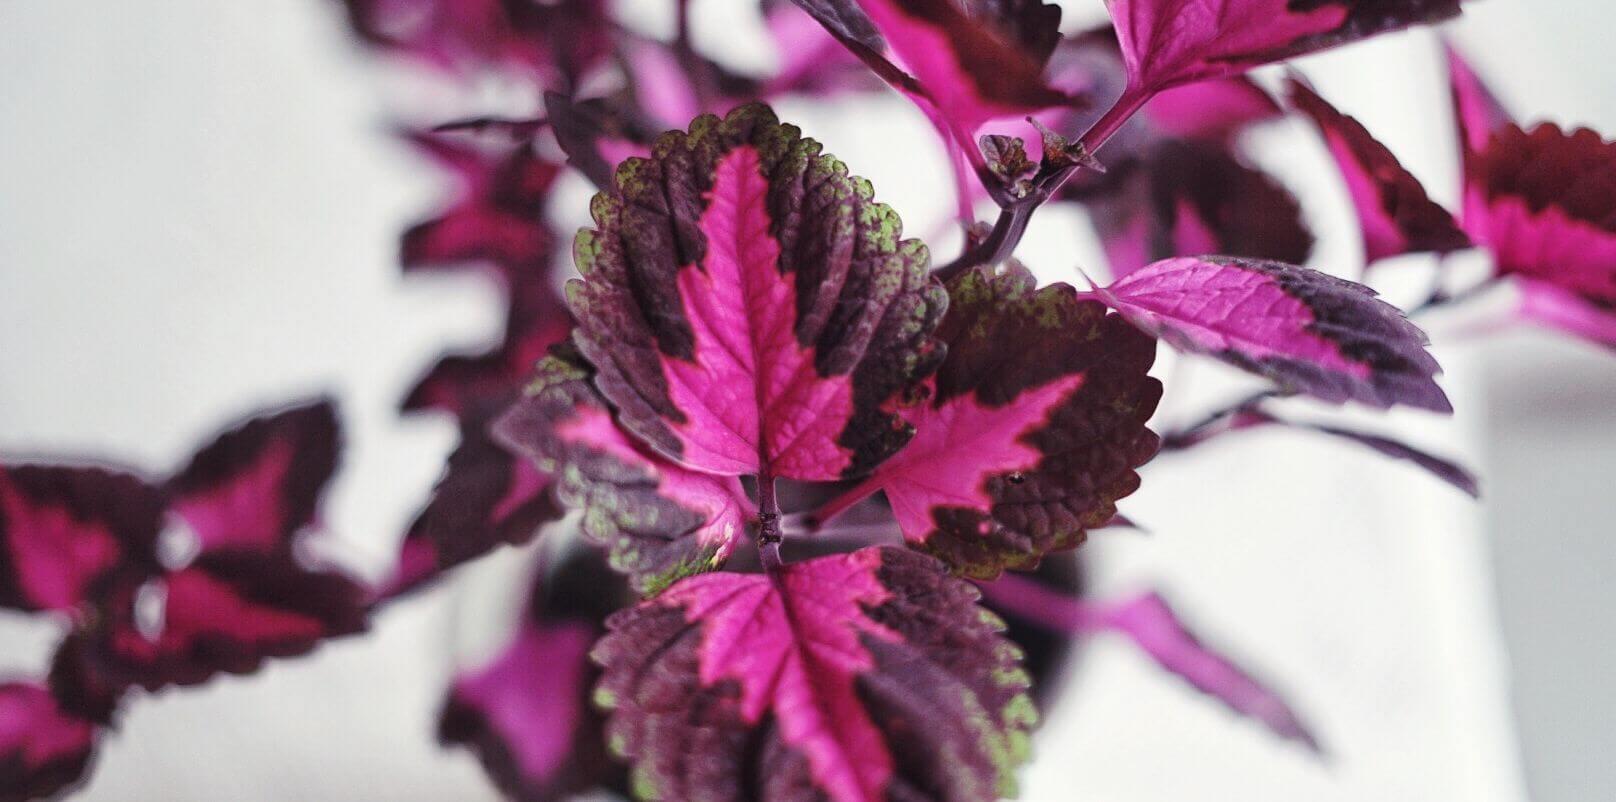 Ha palettblad utomhus